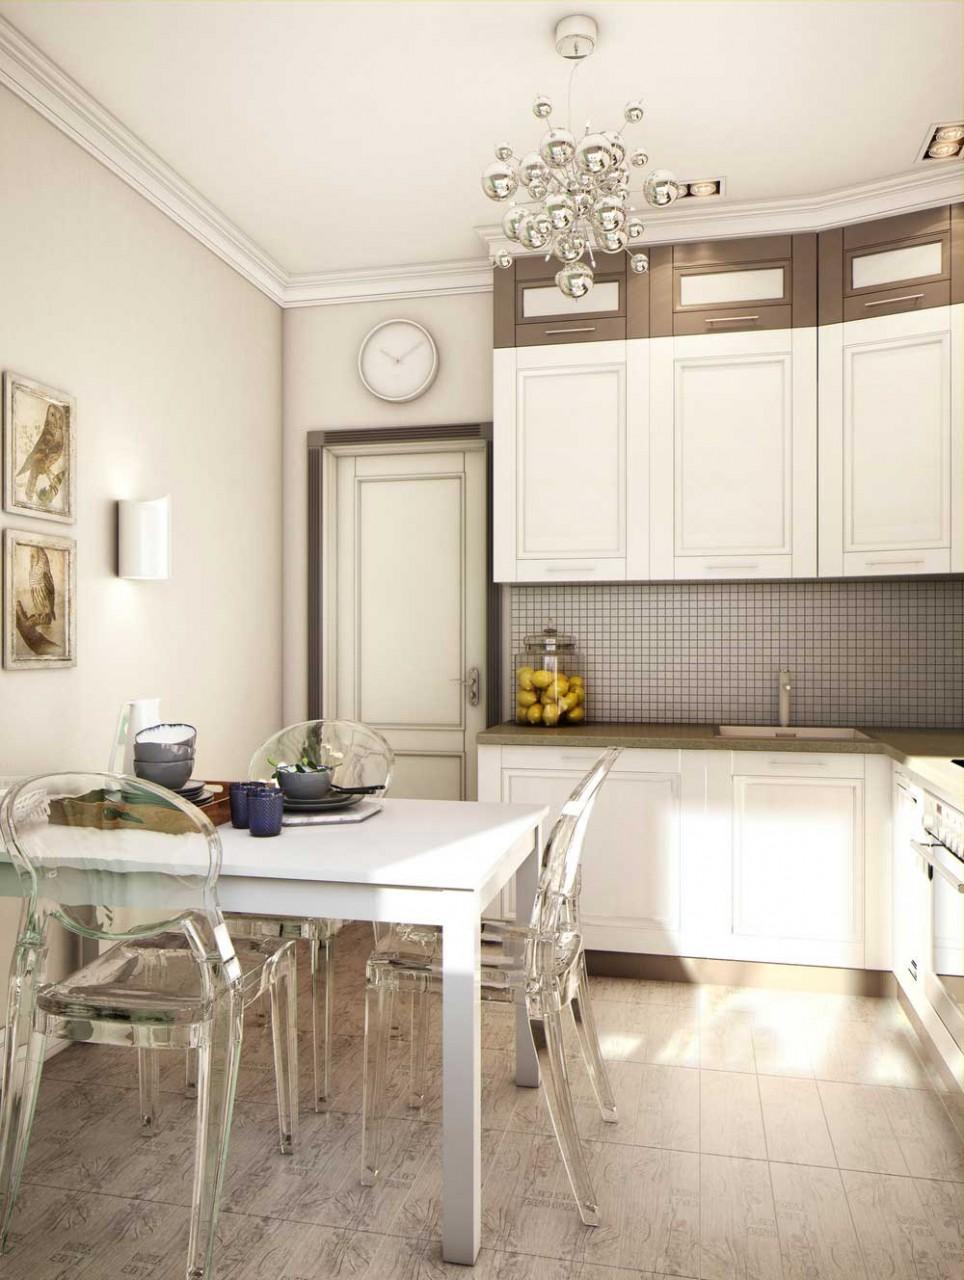 kitchen_room_10_foto51